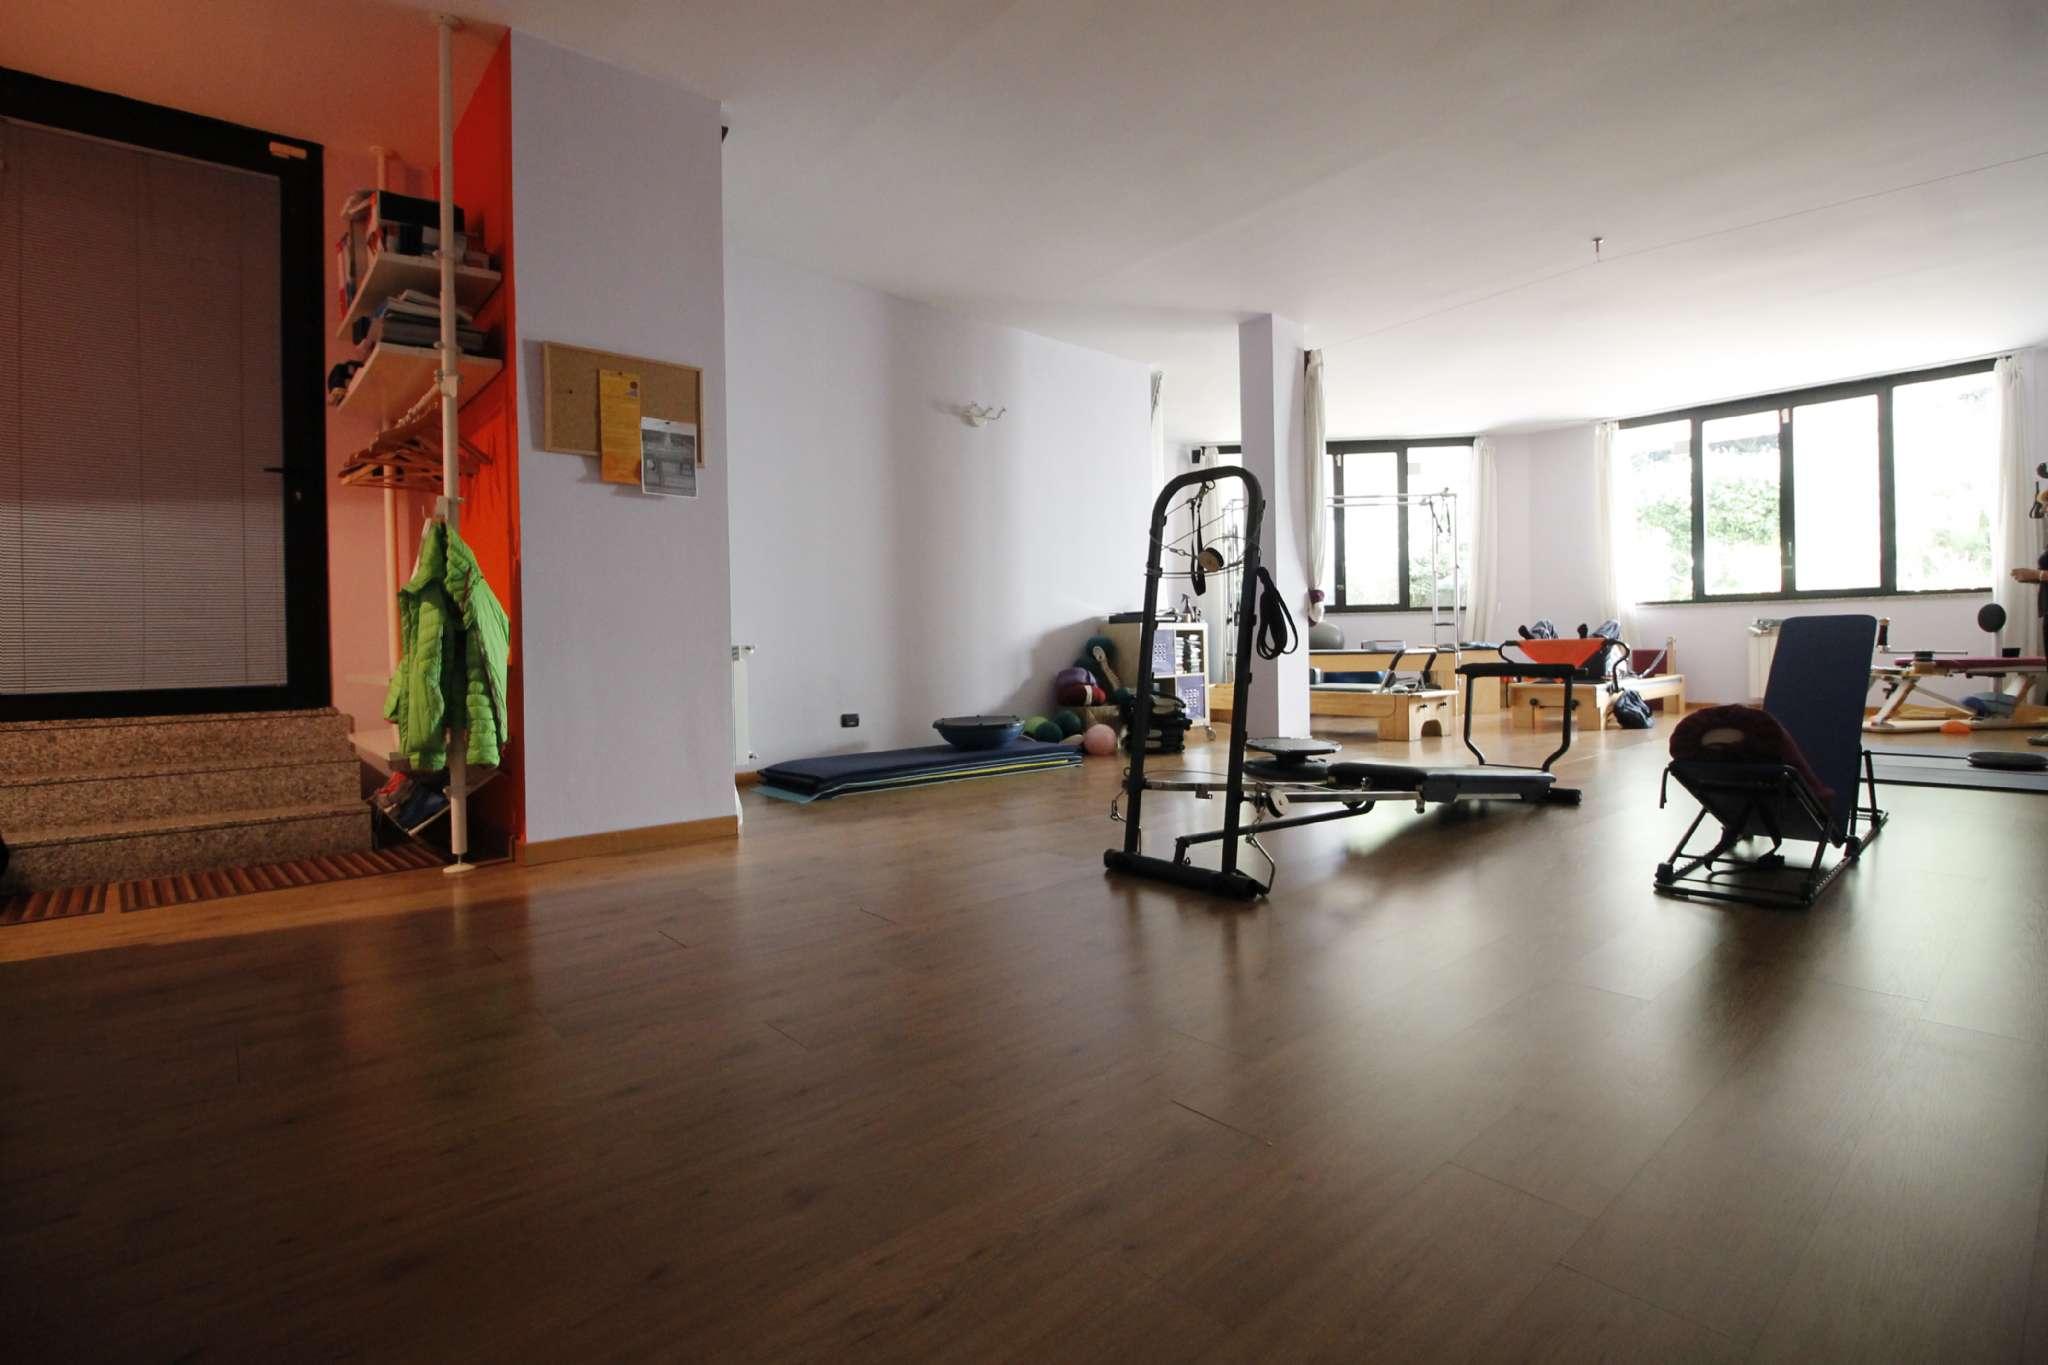 Ufficio-studio in Vendita a Milano 02 Brera / Volta / Repubblica: 2 locali, 90 mq